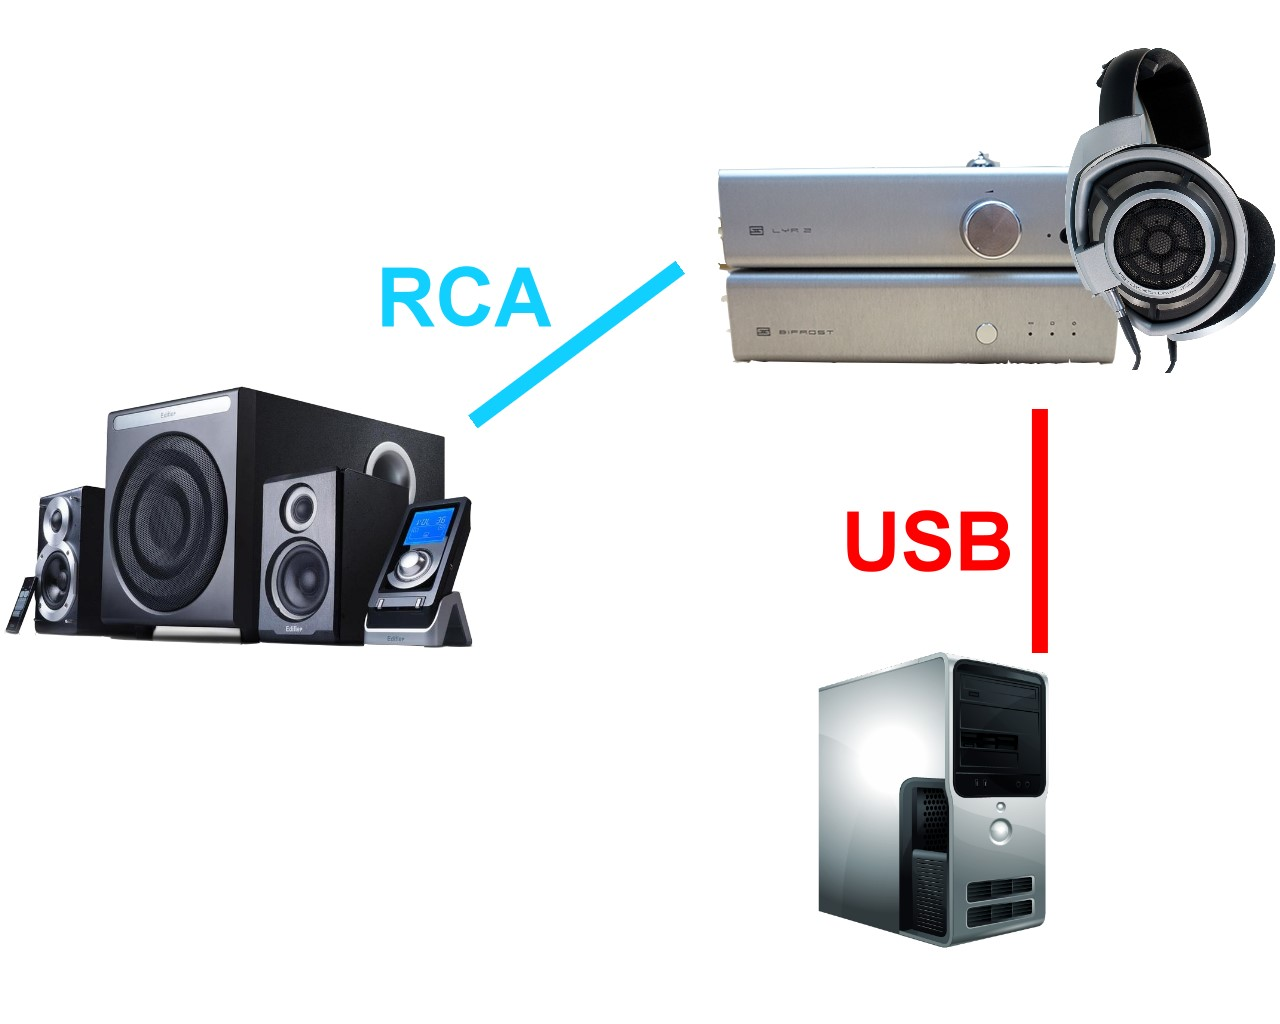 [求救] 內接音效卡(Onkyo Se-90pci)與USB DAC(Schiit Bifrost multibit)同時安裝並切換的方法 - Mobile01